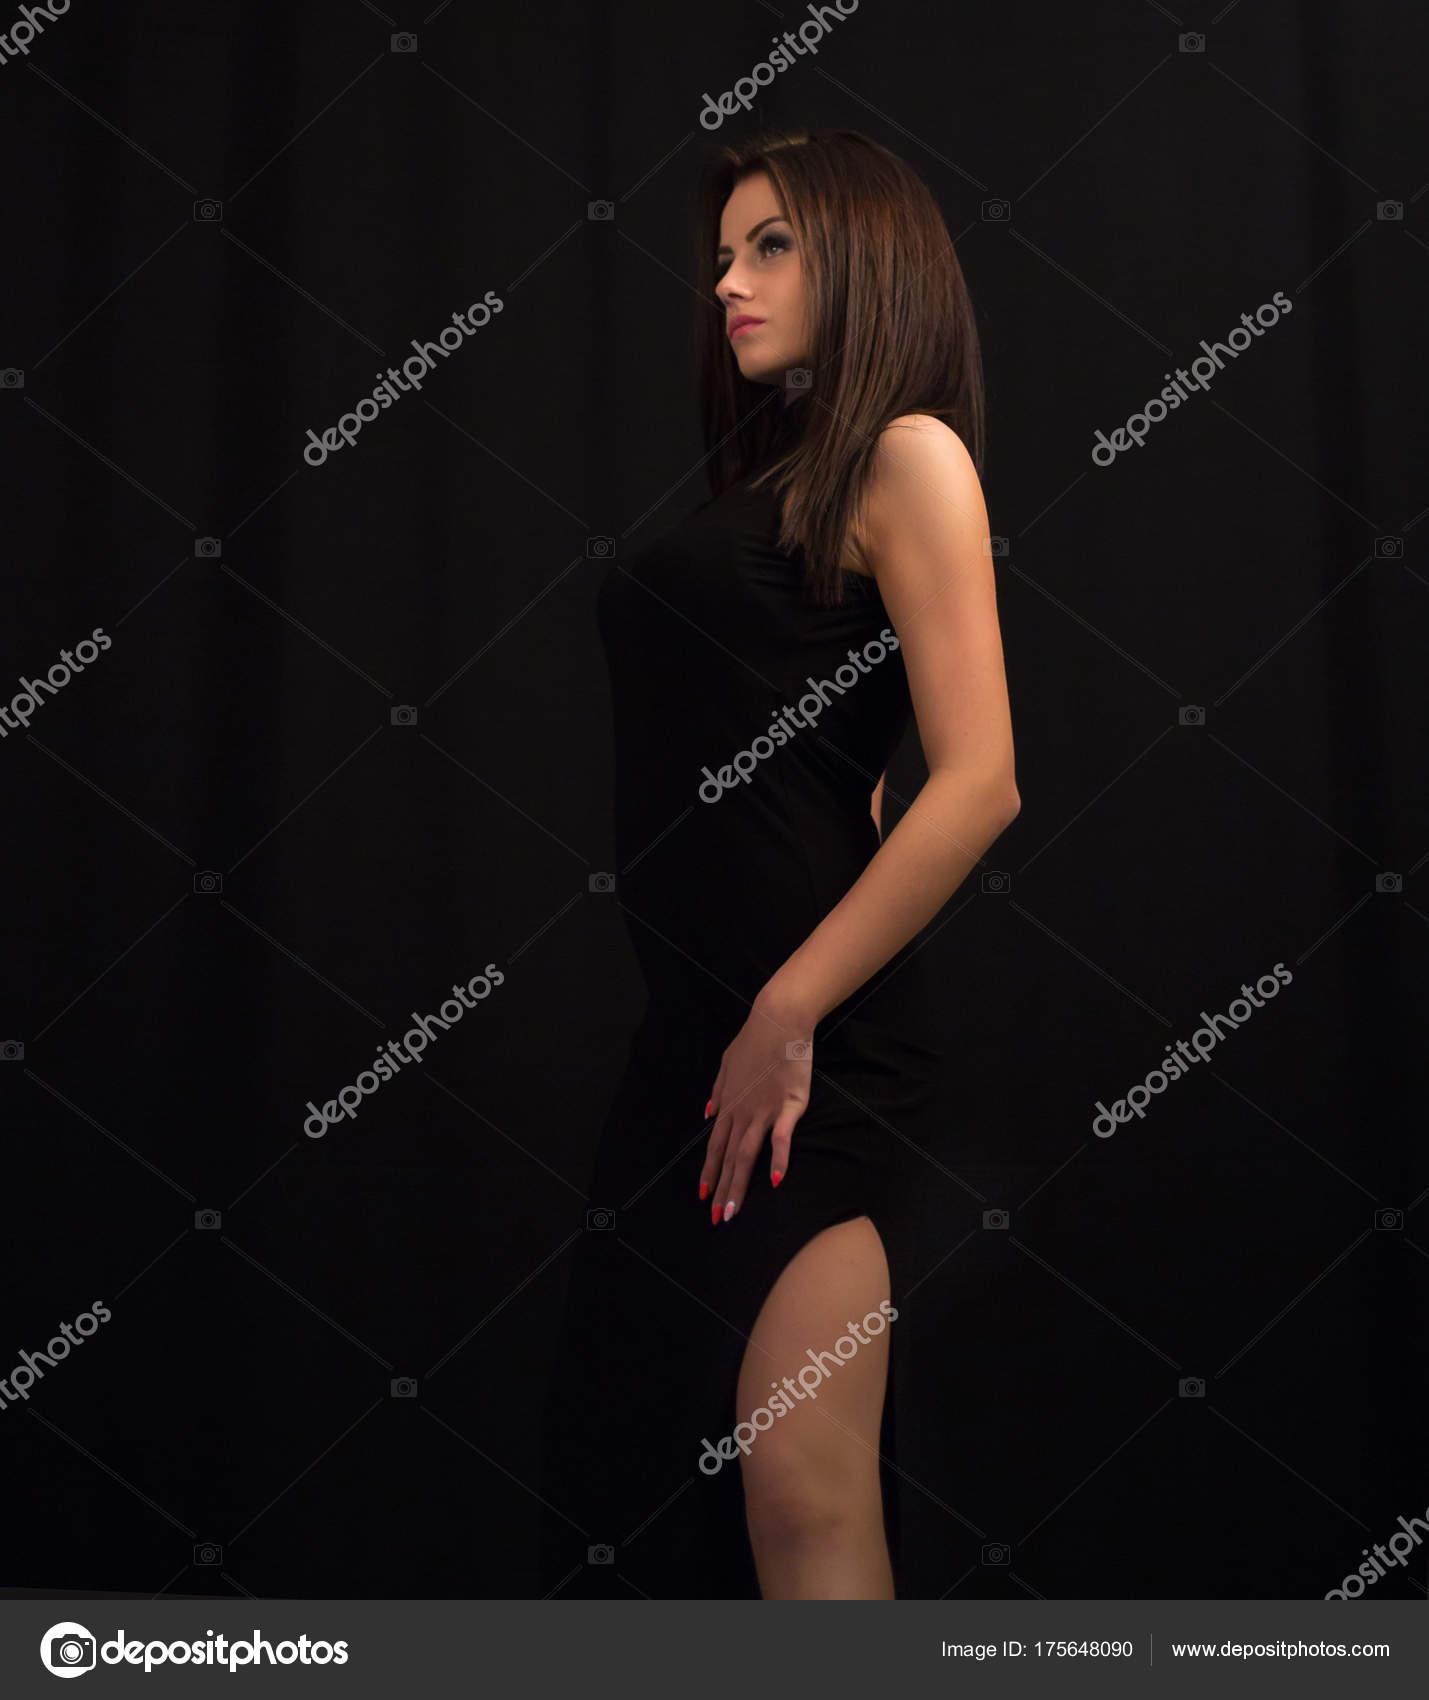 Горячая девушка брюнетка